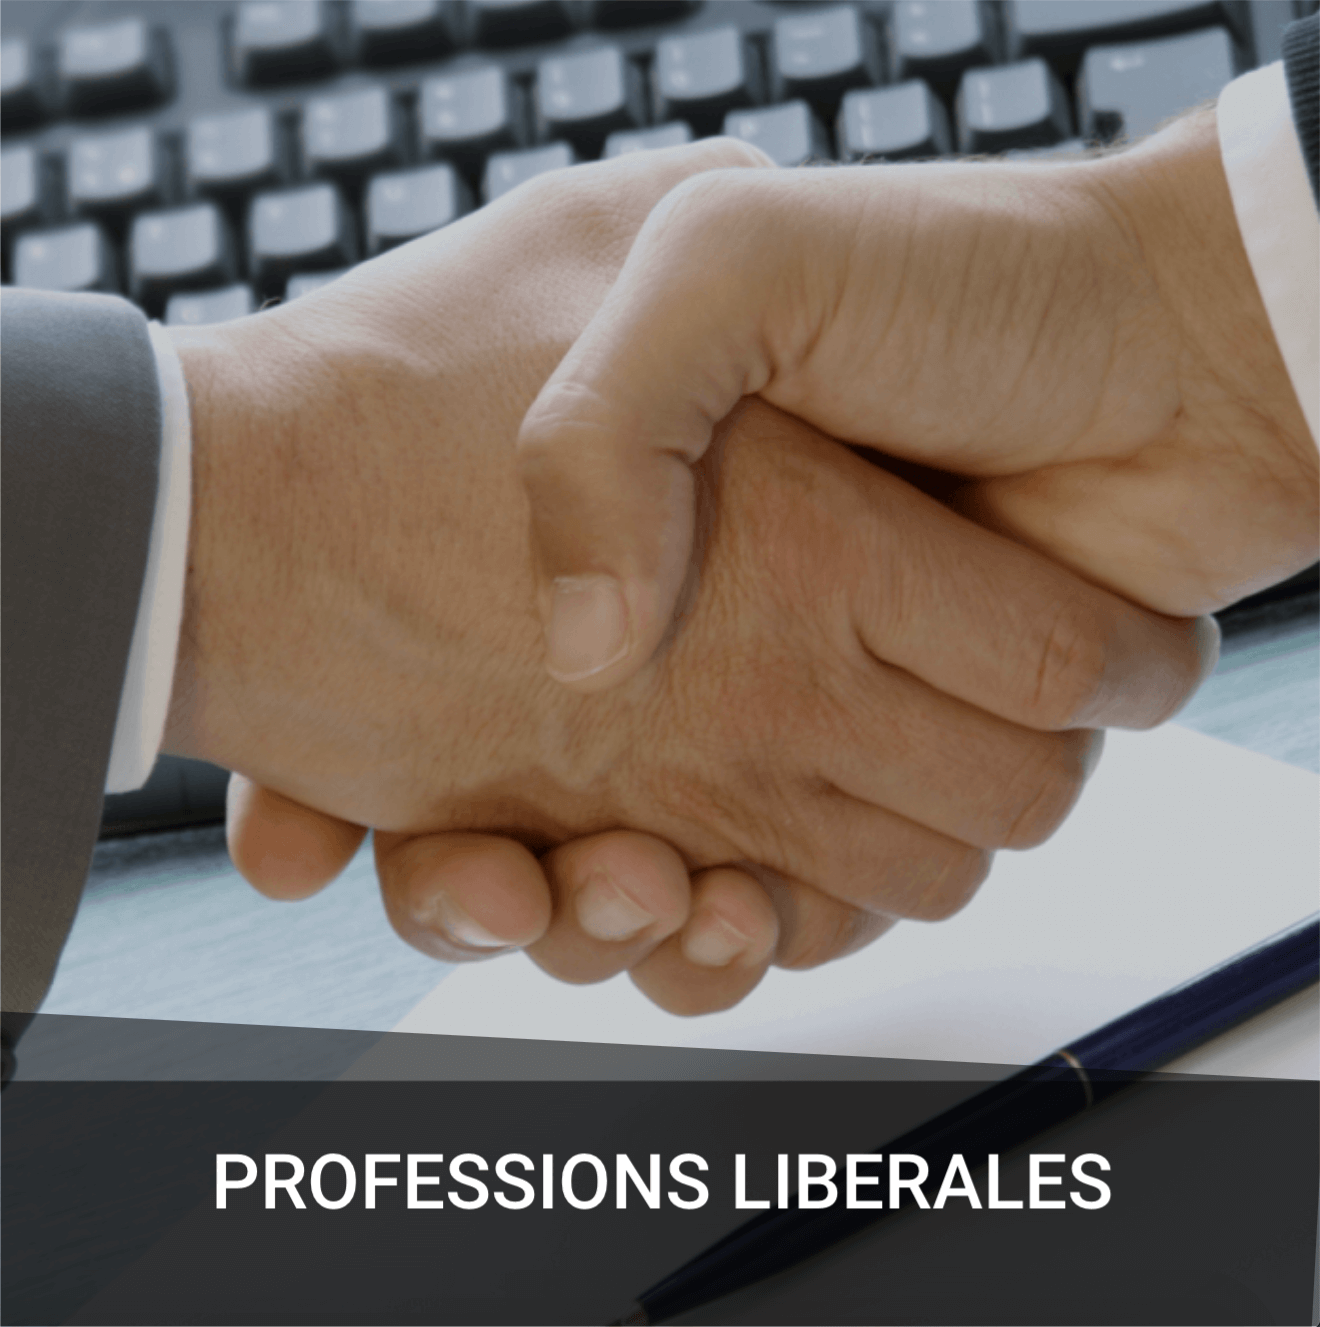 Image représentant les réalisations de professions libérales